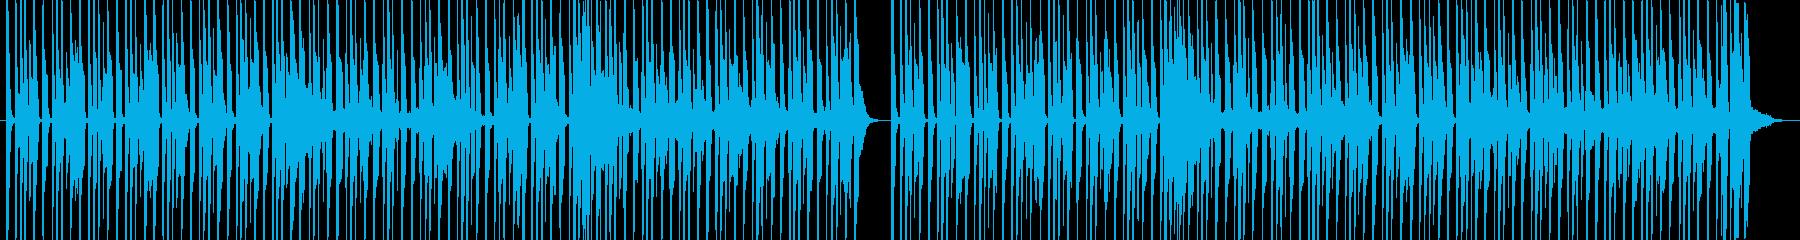 ドラムとベースのロック調イントロの再生済みの波形